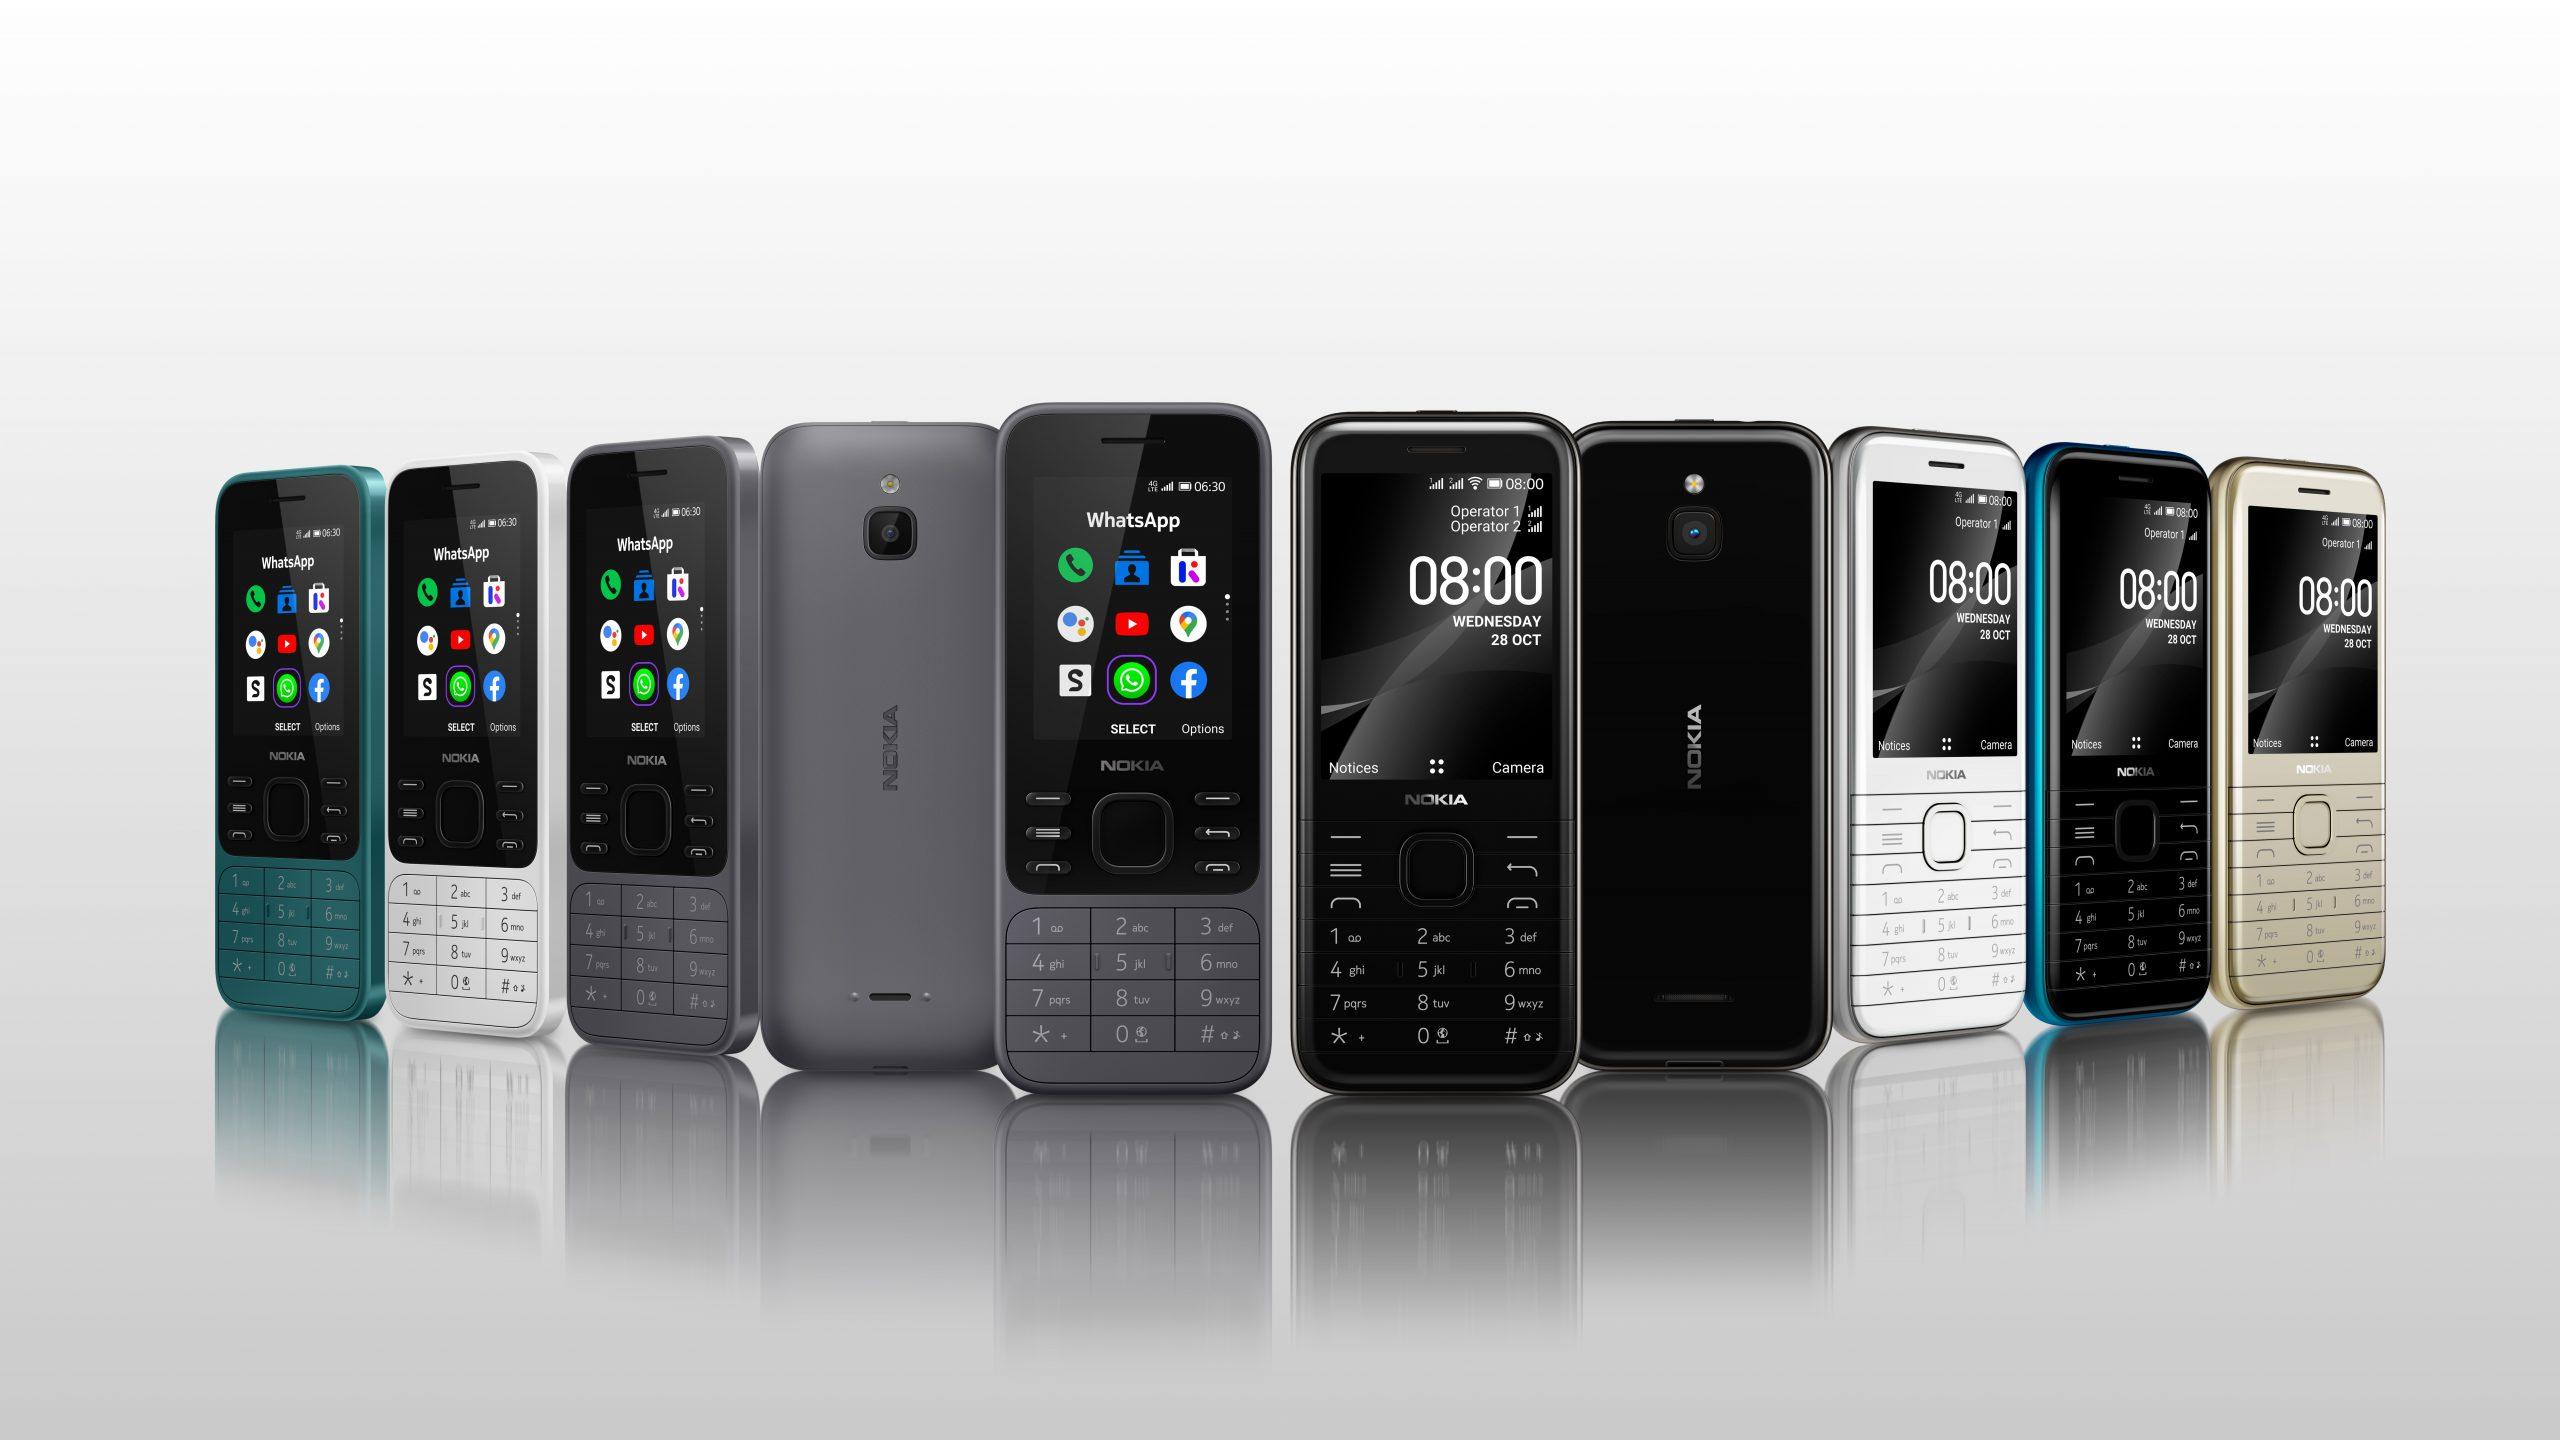 HMD Global brengt nieuwe smart feature phones met 4G-connectiviteit en vertrouwd design uit